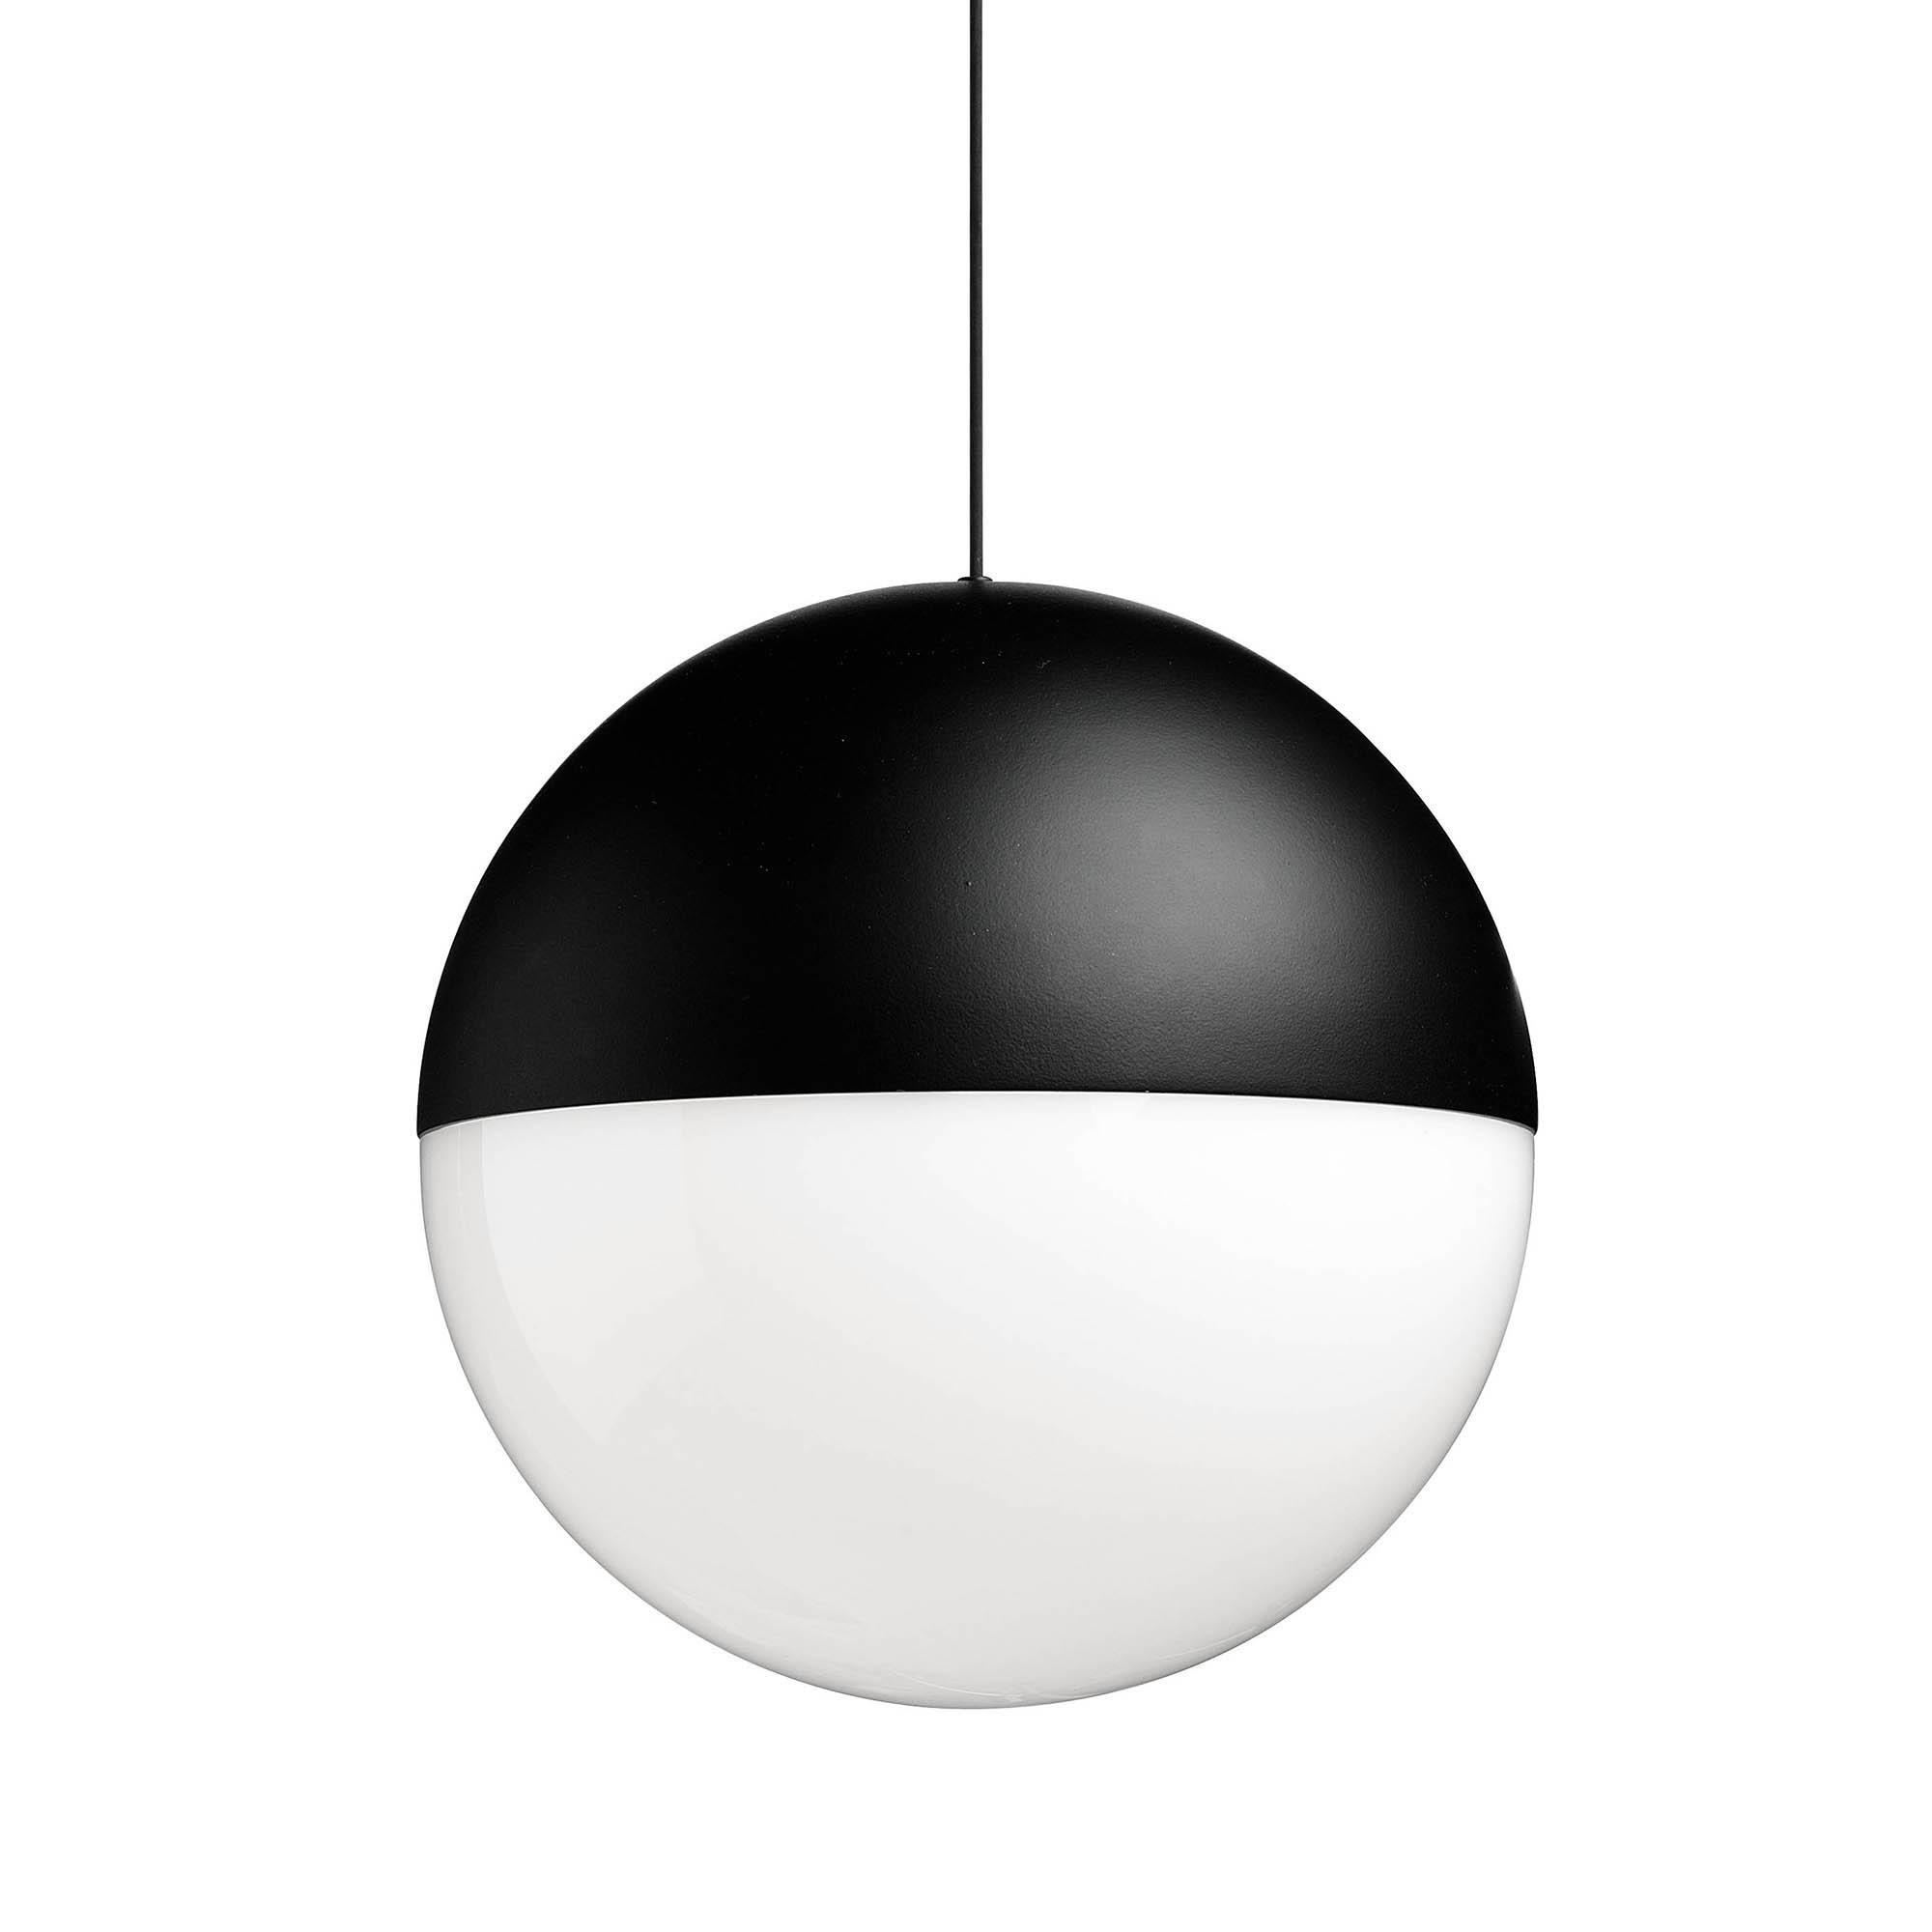 String Lights LED Suspension Lamp